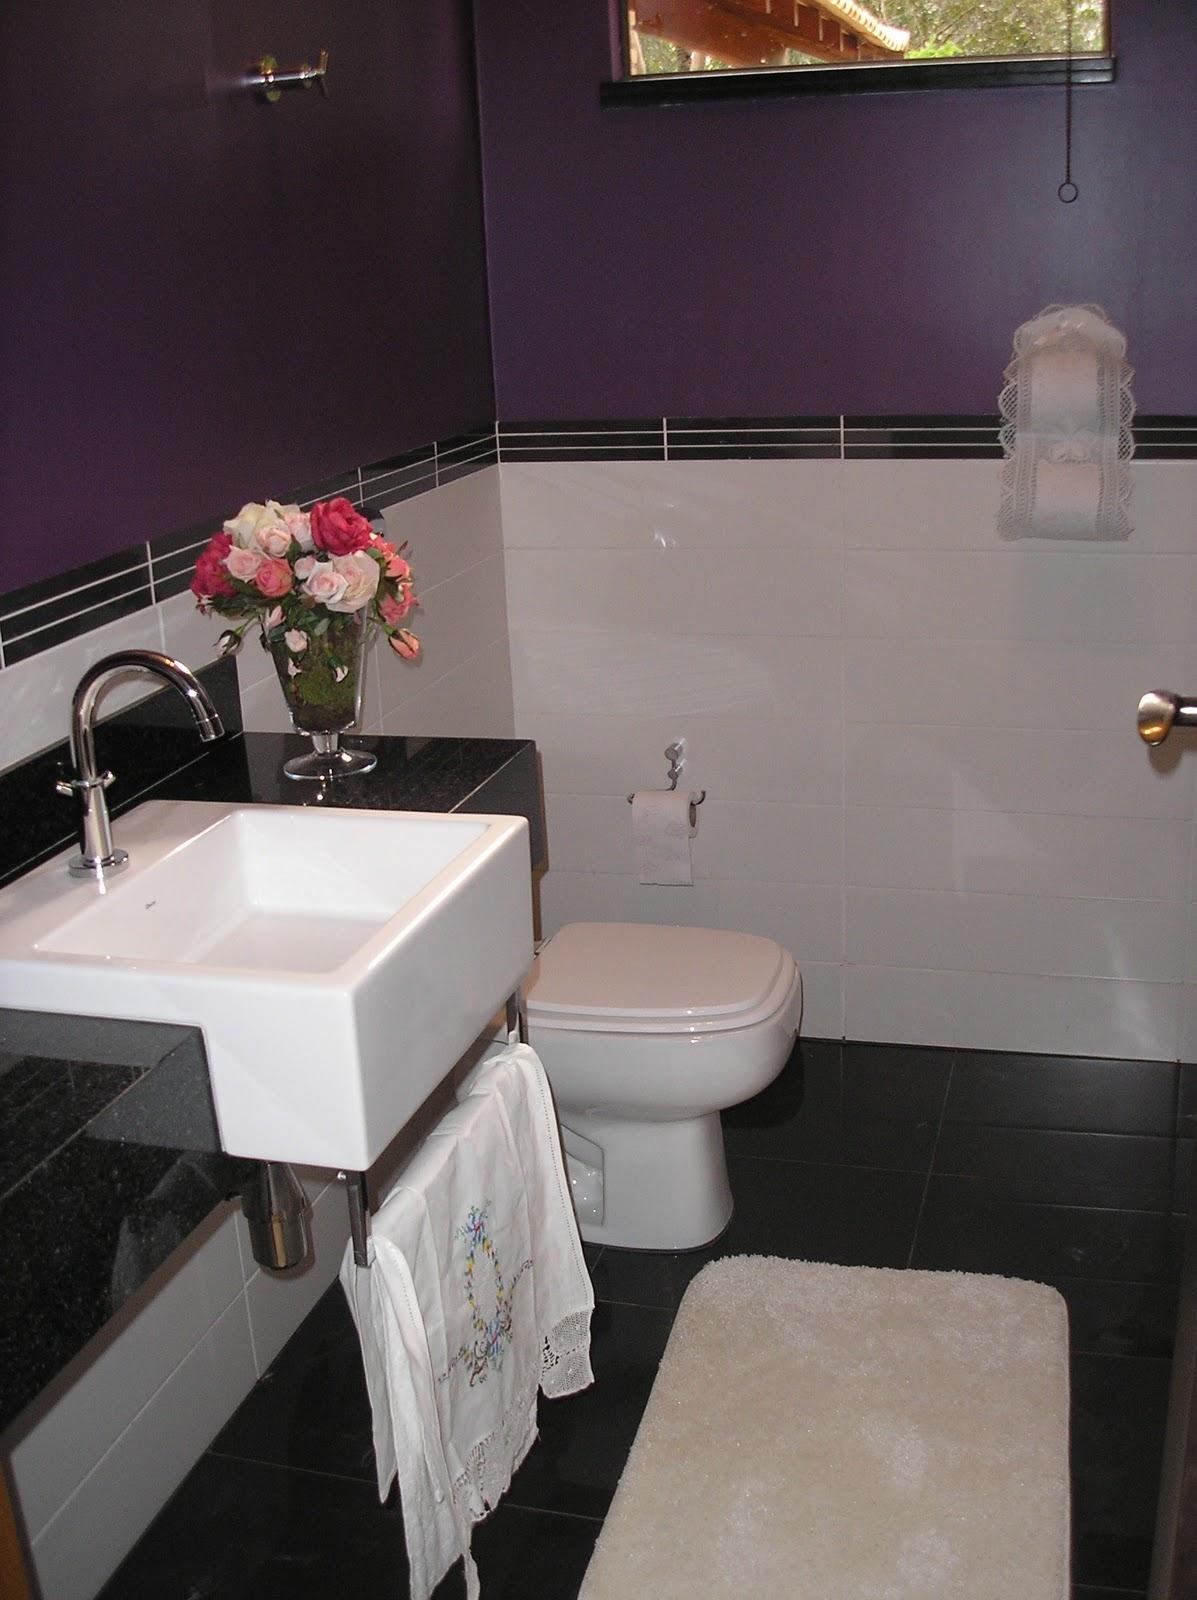 preto revestimento de parede branco granito preto cuba branca e  #9D2E3F 1197 1600